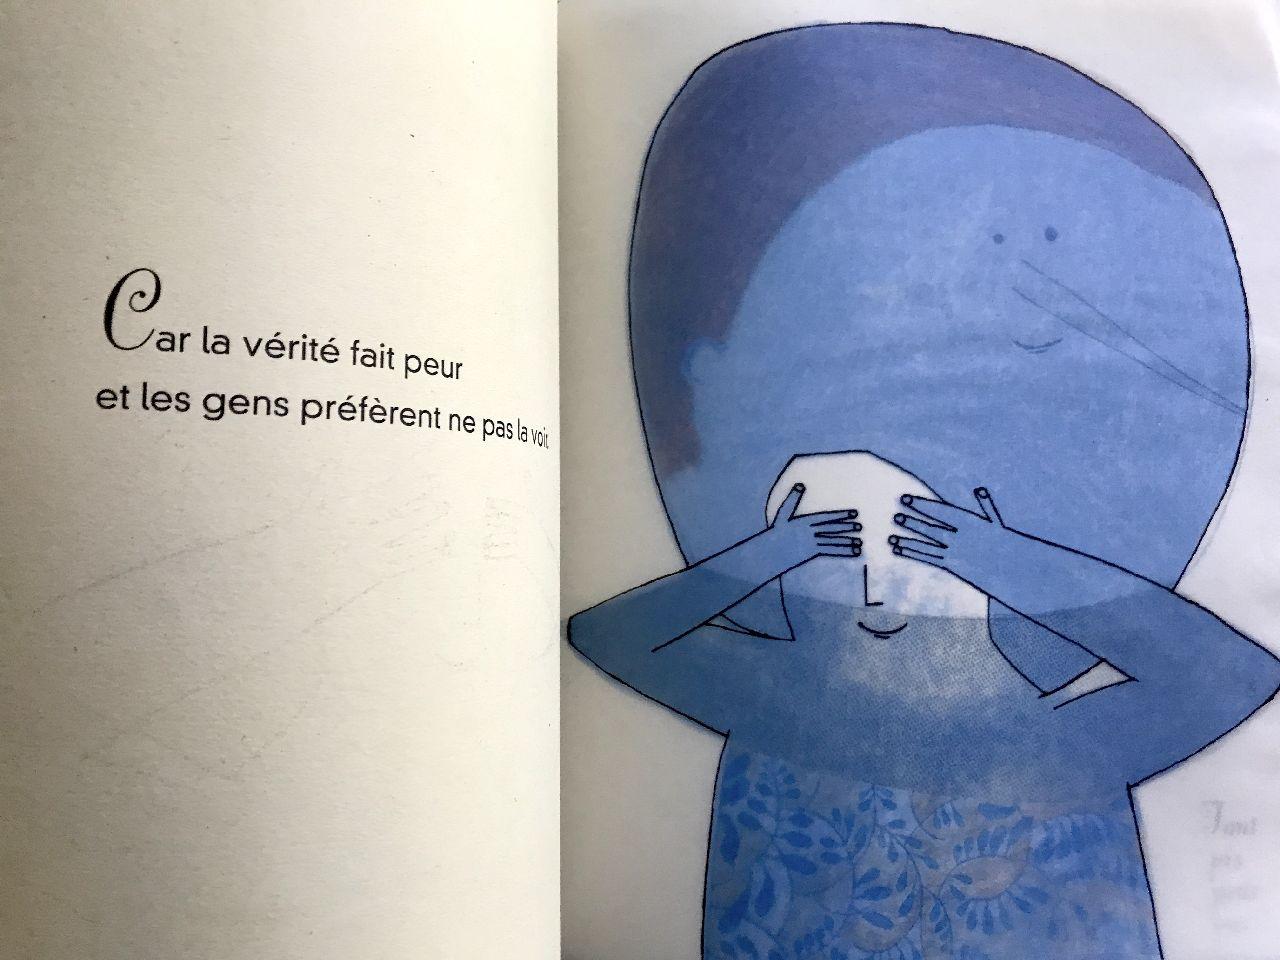 Beatrice Alemagna, Gisèle de verre, Seuil